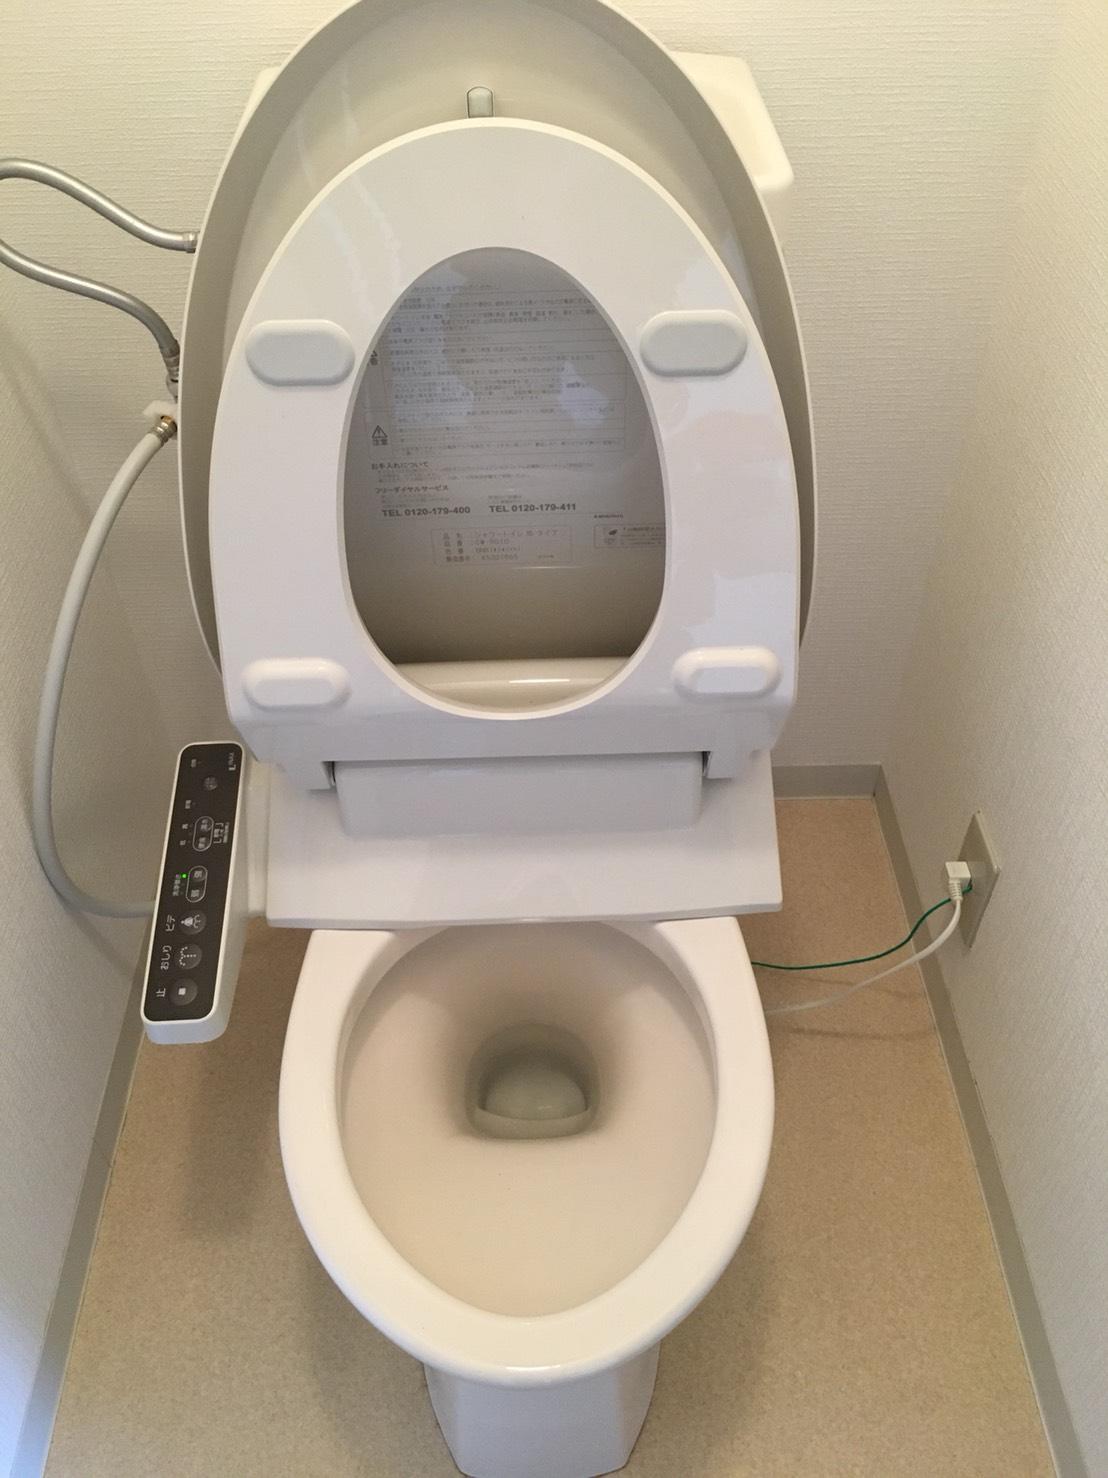 トイレクリーニング  トイレの汚れプロにお任せください~おそうじプラスでは、伊丹市・宝塚市・川西市の地域よりお見積はもちろん出張料も無料で対応しております。